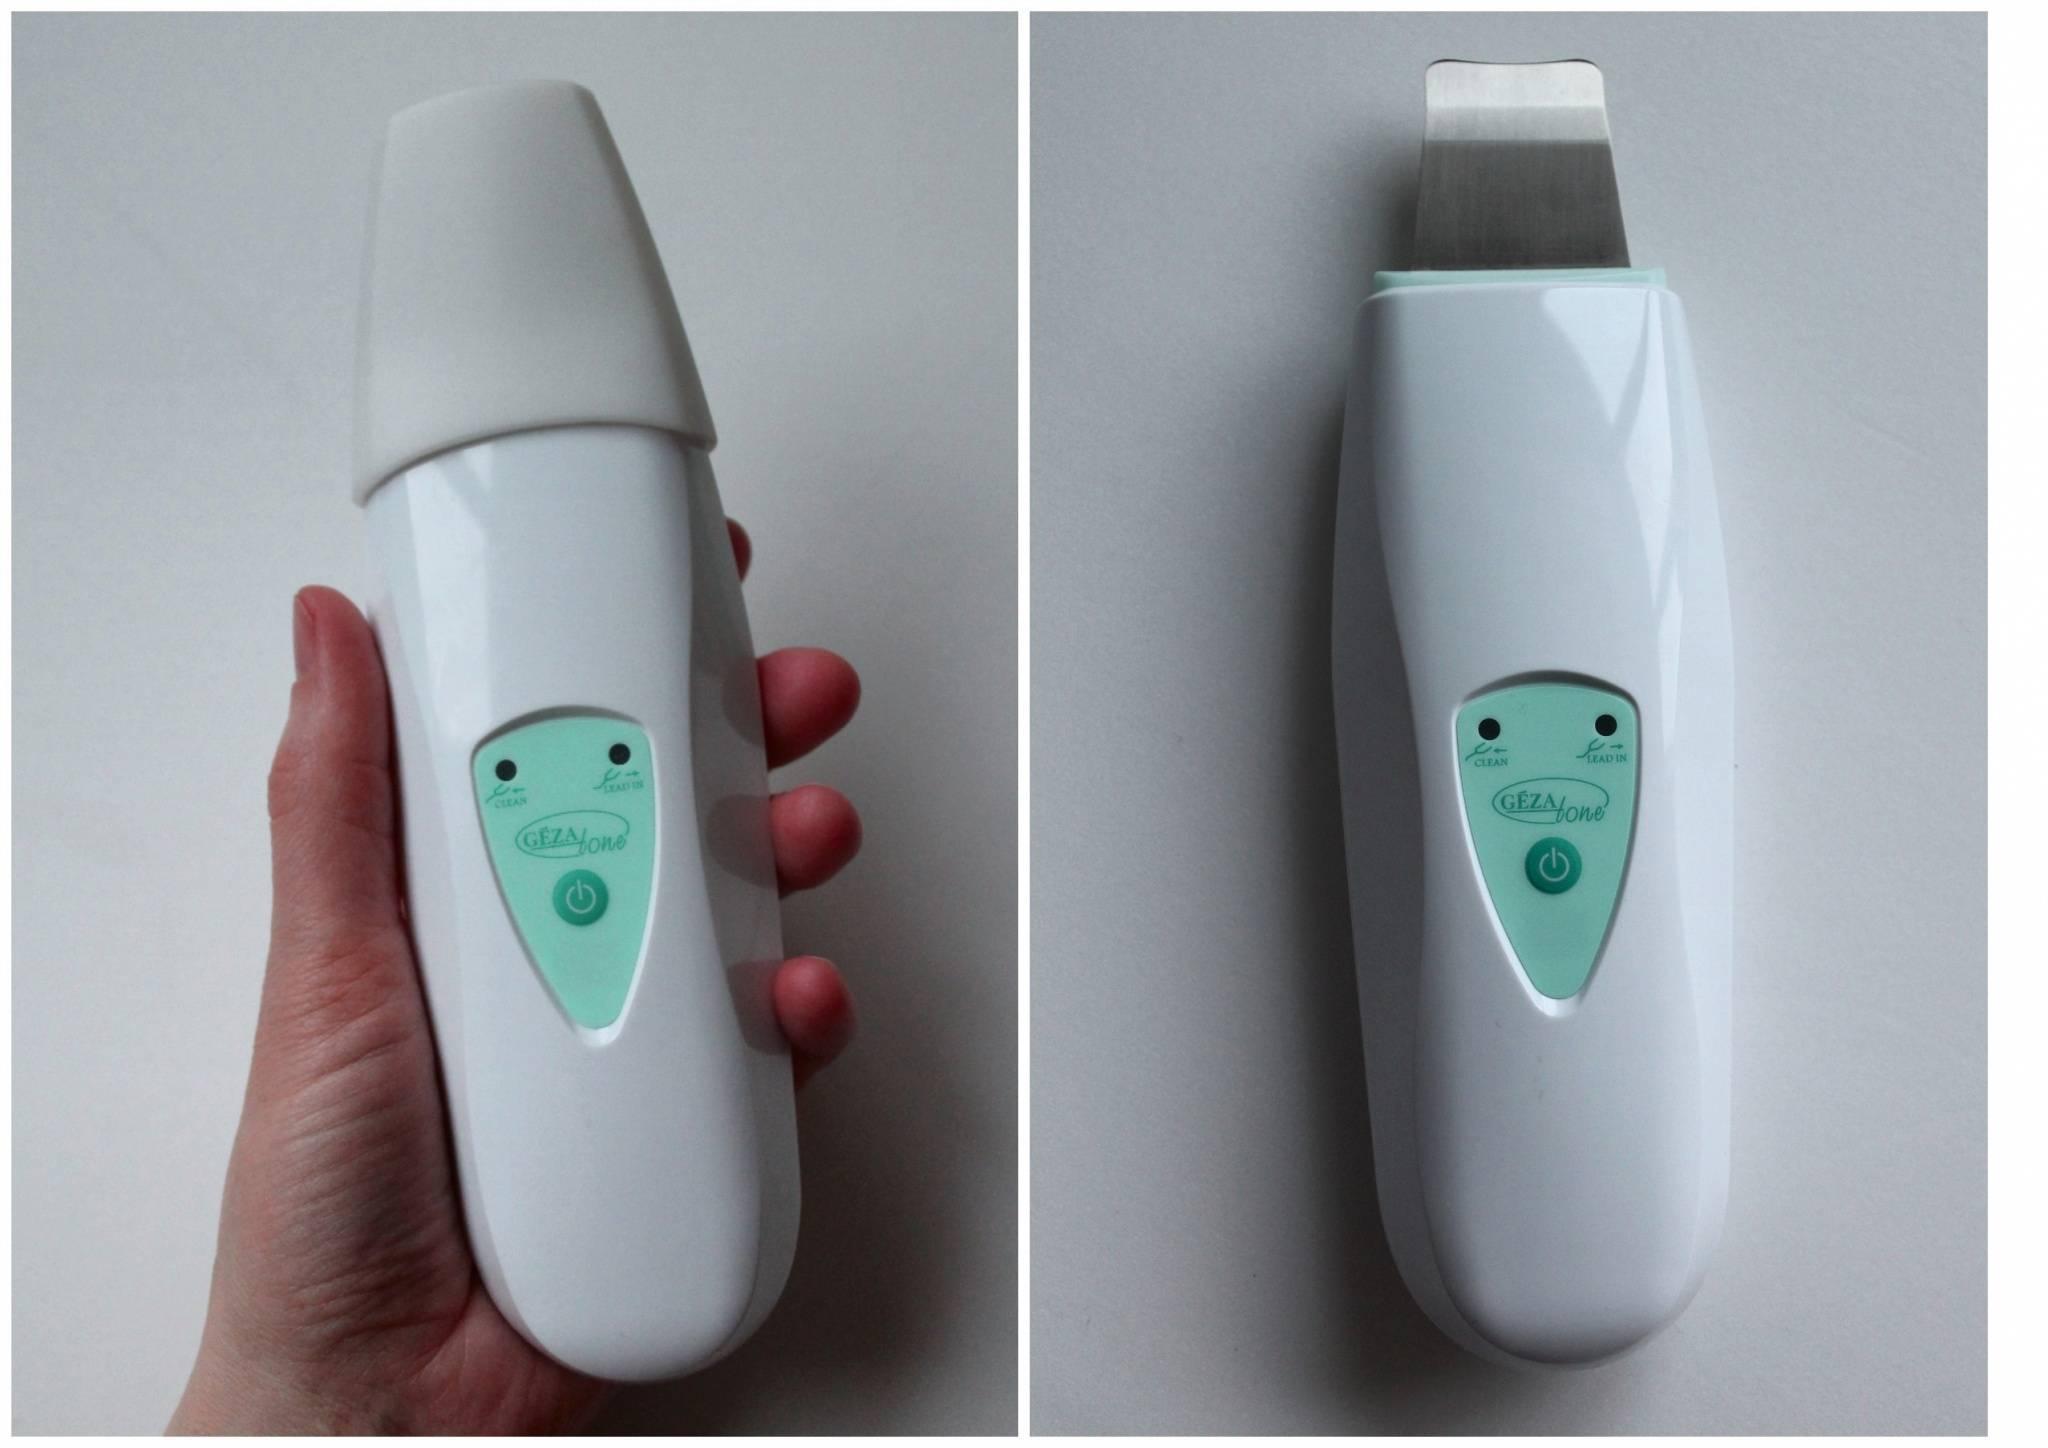 Топ 20 лучшие ультразвуковые аппараты для чистки лица (рейтинг)ультразвуковые аппараты для чистки лица